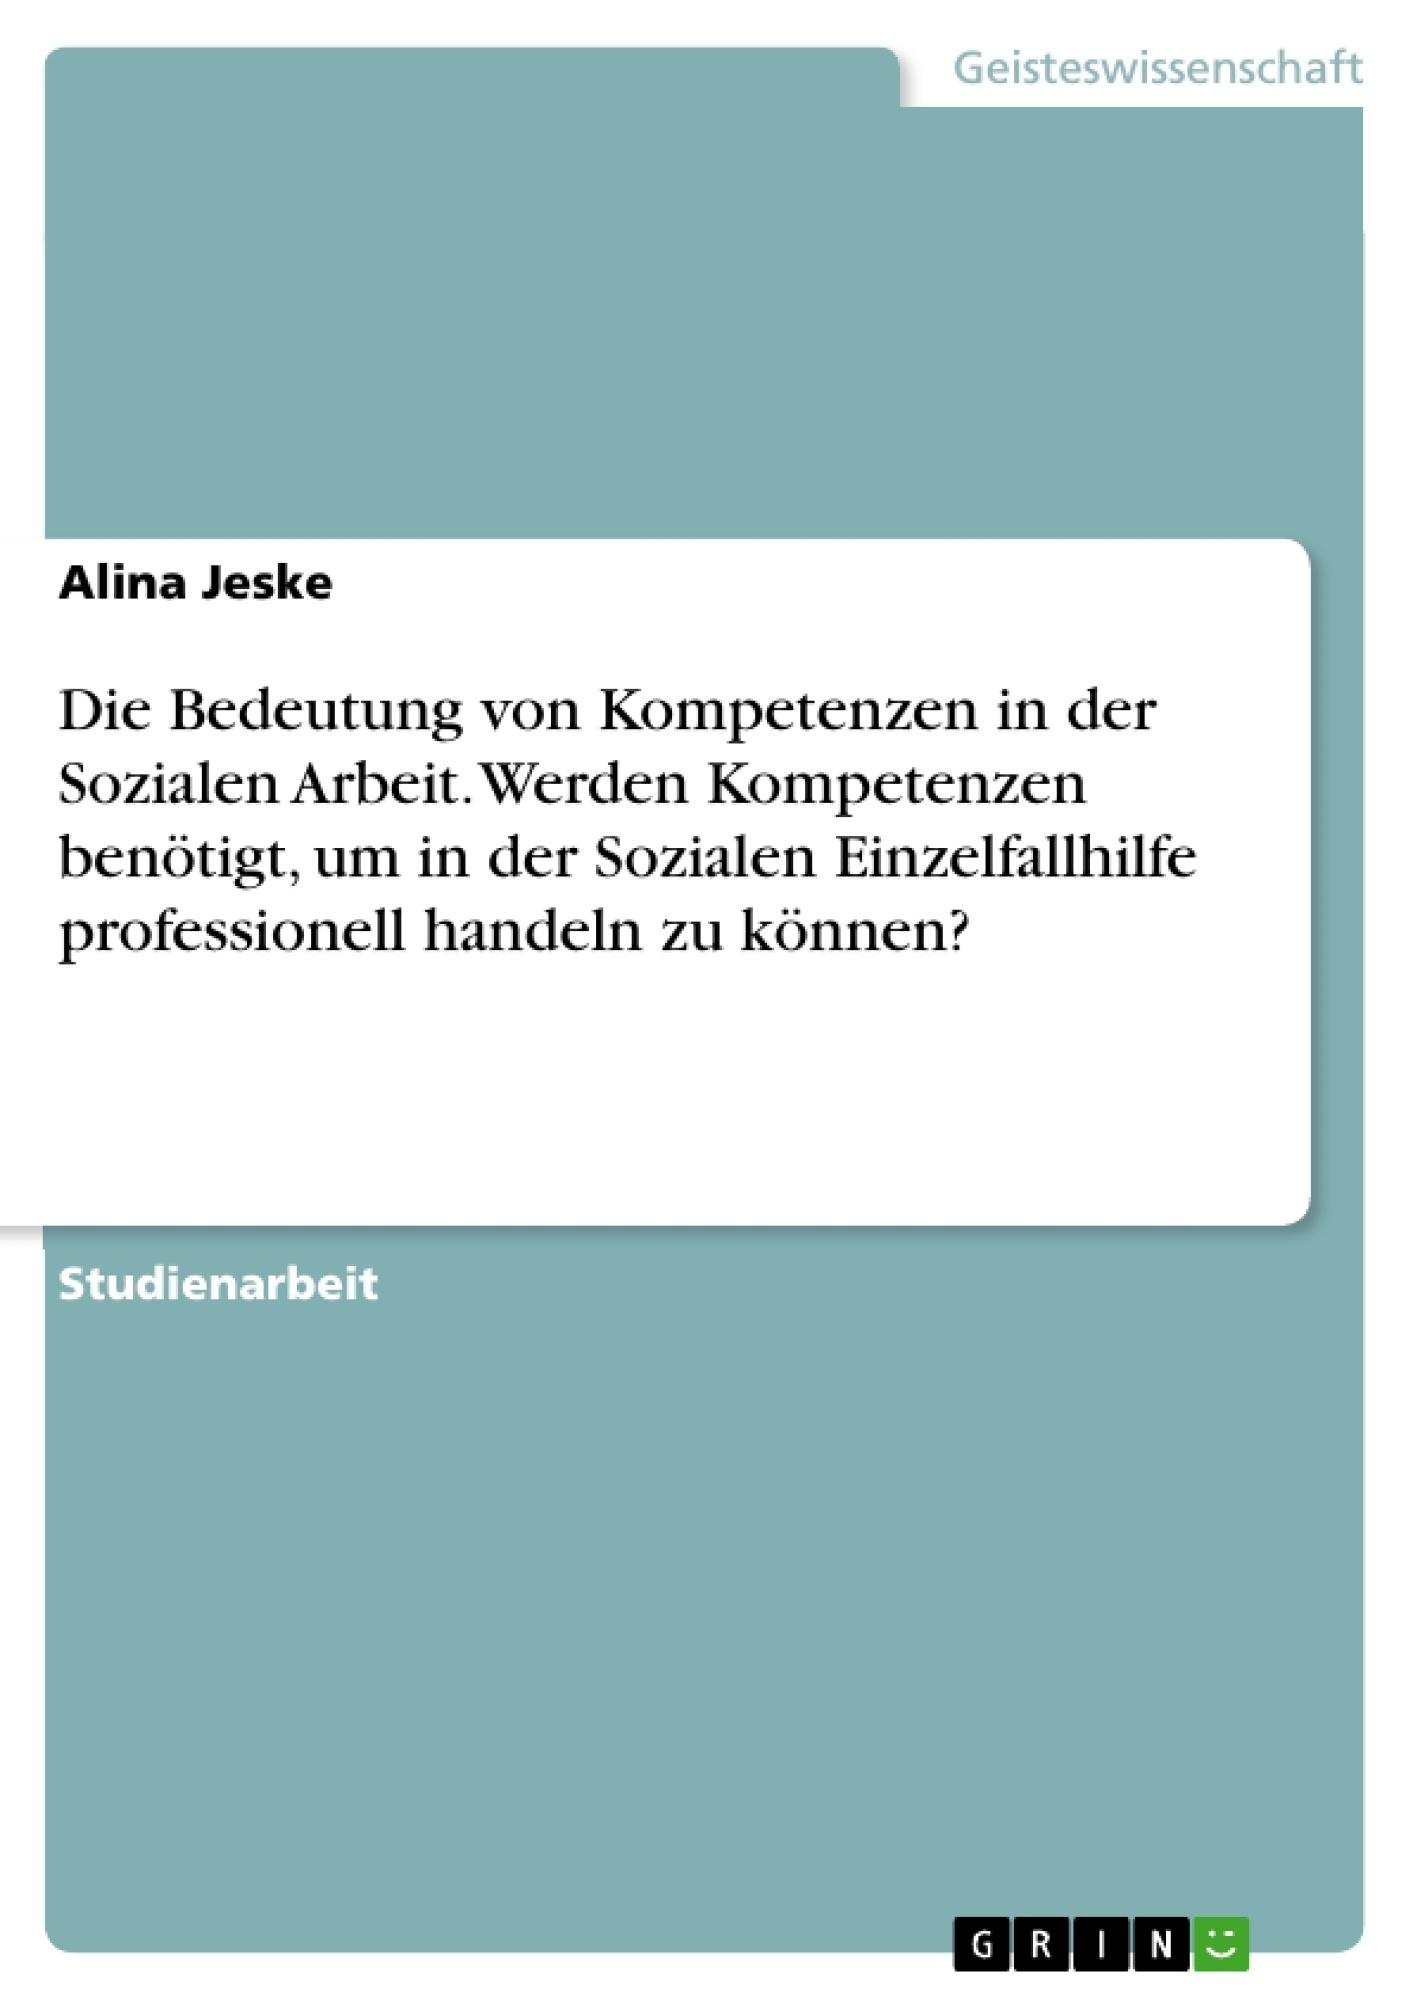 Titel: Die Bedeutung von Kompetenzen in der Sozialen Arbeit. Werden Kompetenzen benötigt, um in der Sozialen Einzelfallhilfe professionell handeln zu können?